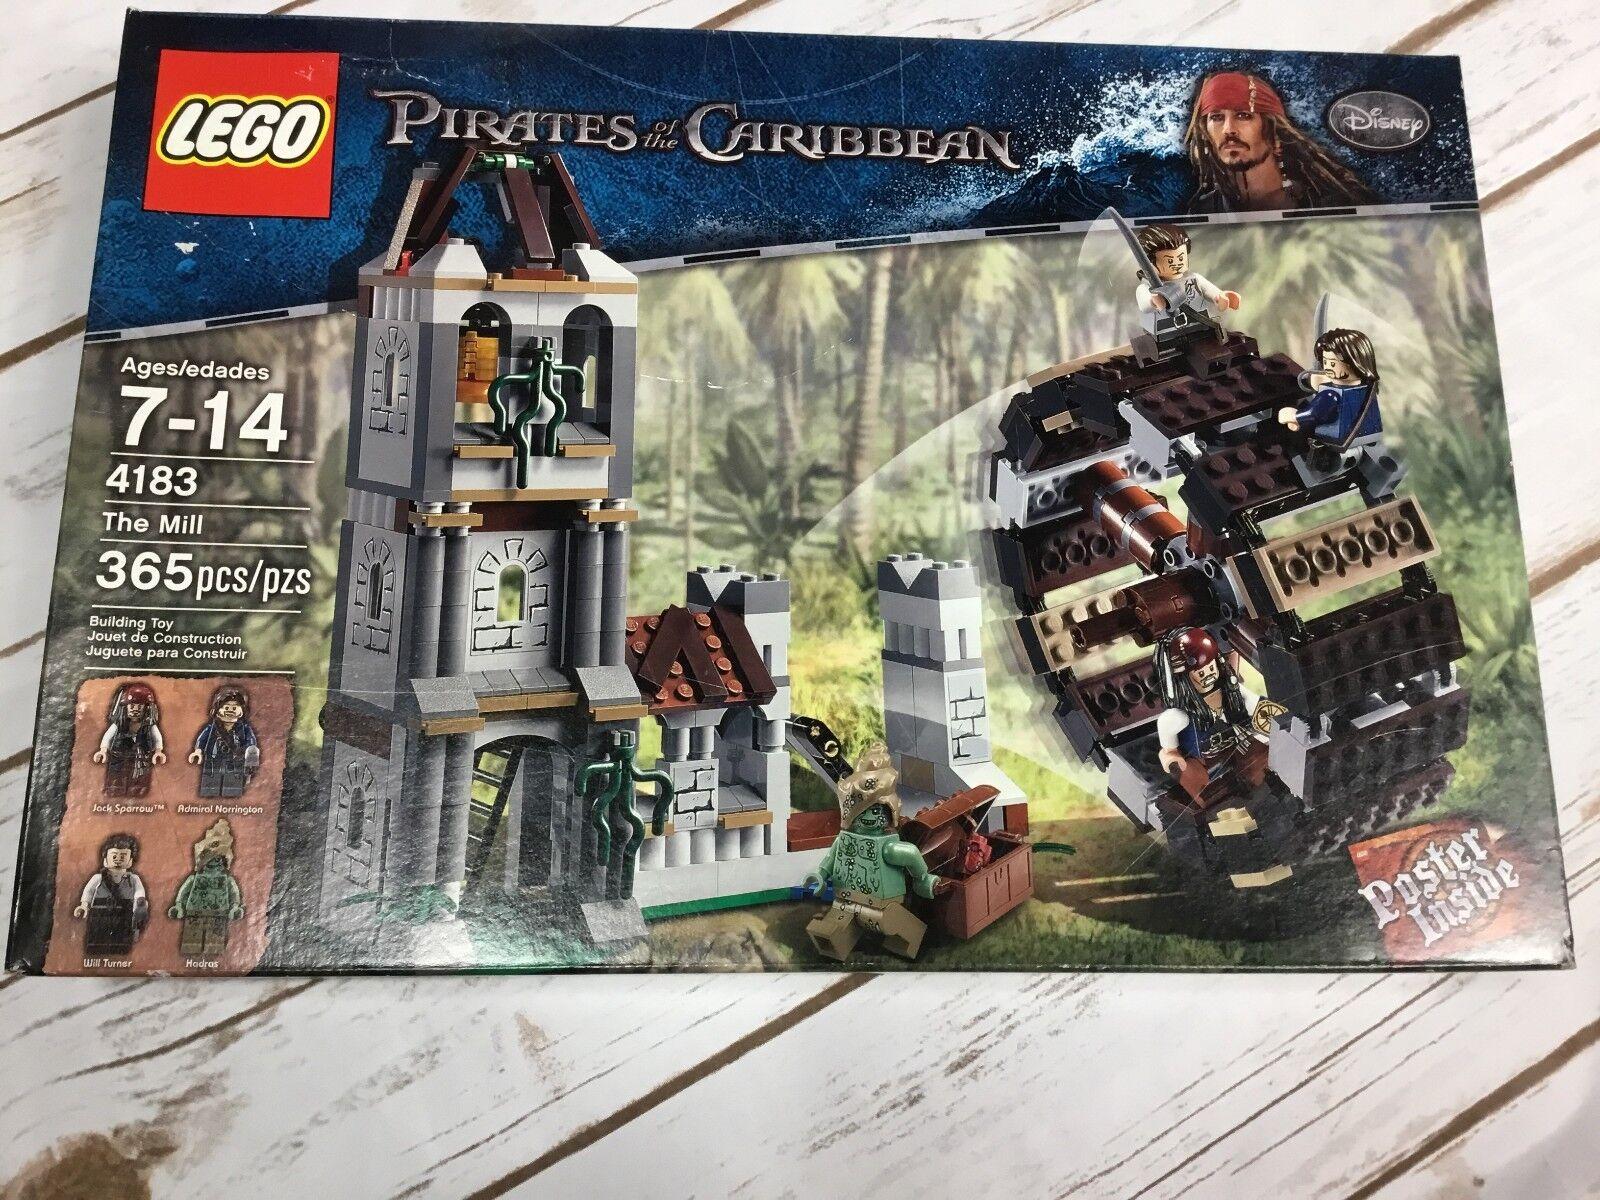 nuovo Sealed scatola  LEGO 4183 The Mill Pirates  of the autoibbean  Set  ci sono più marche di prodotti di alta qualità